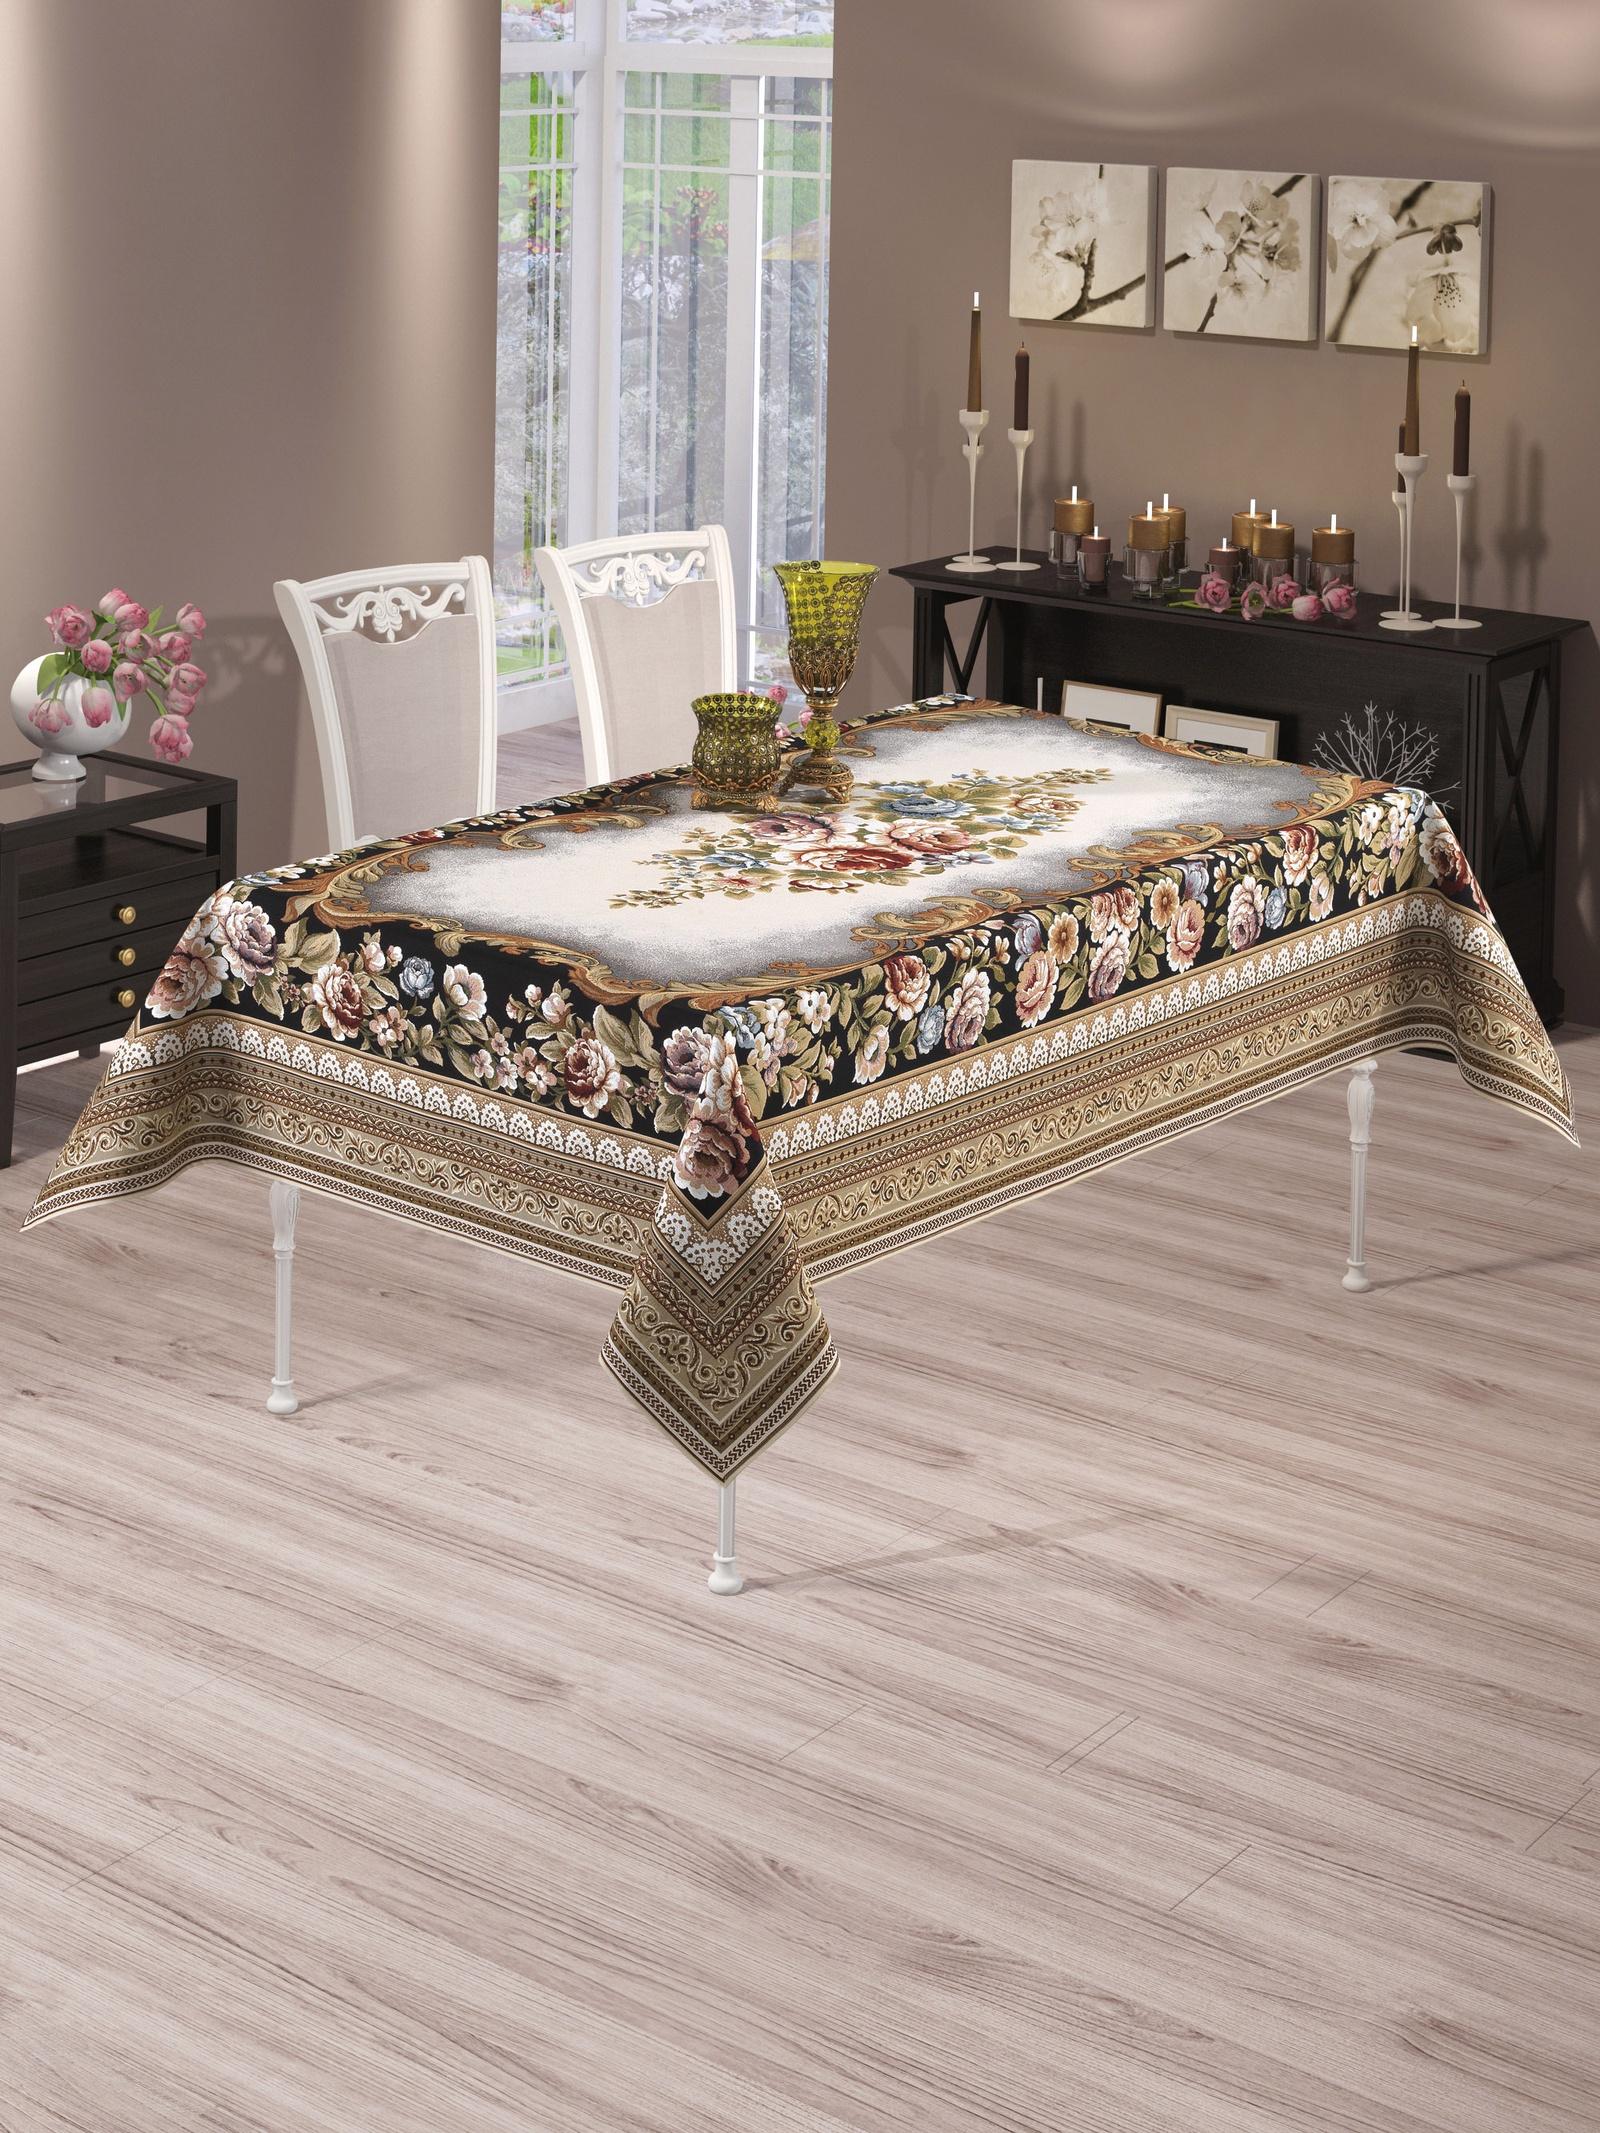 Скатерть Do&Co Buket Lux, 8629, коричневый, 160 х 220 см